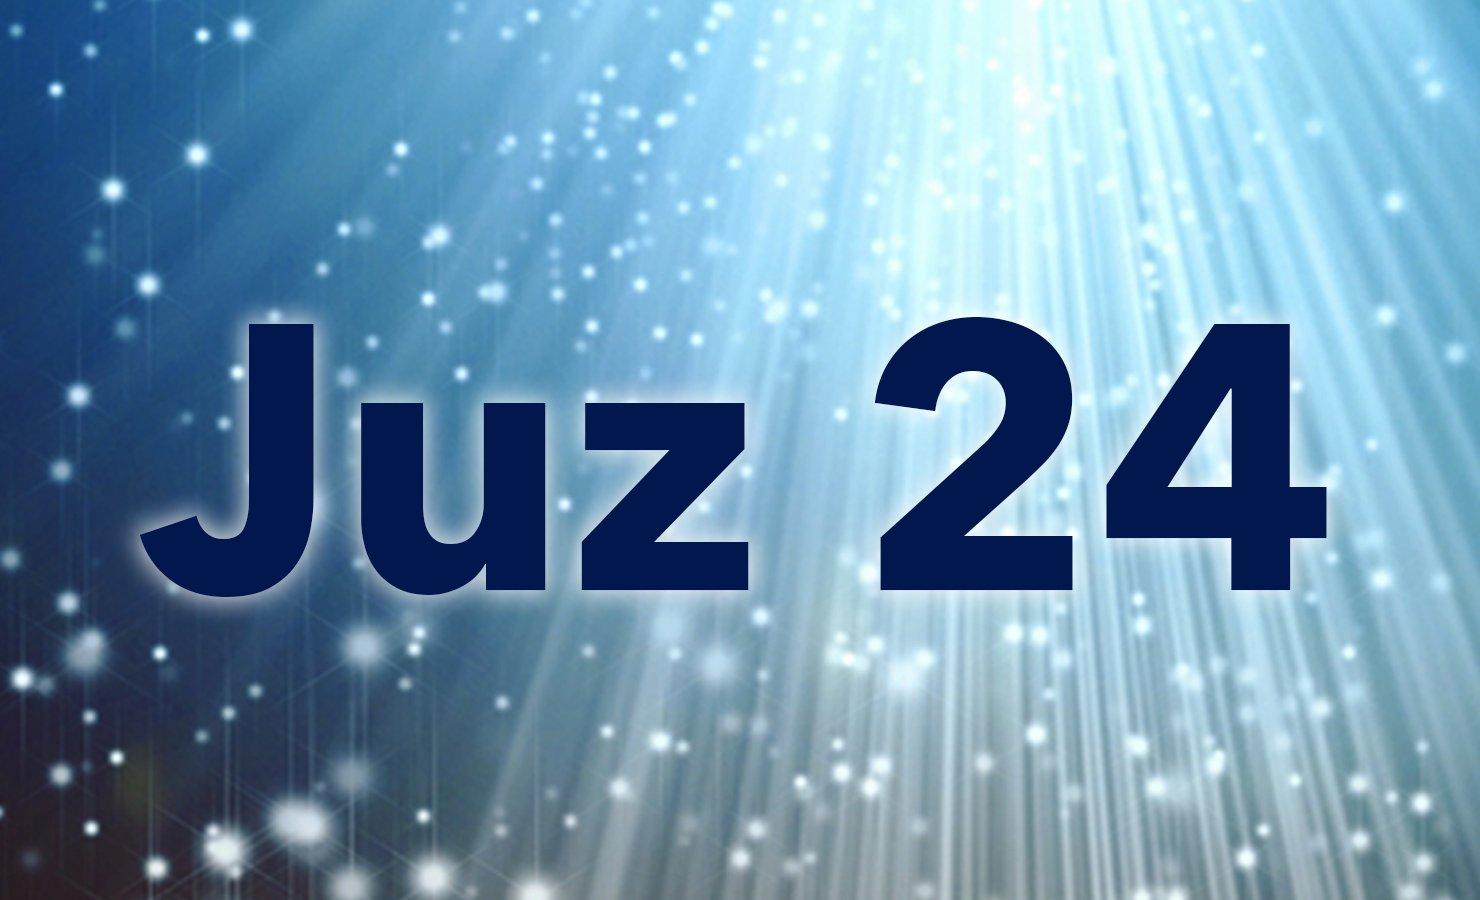 Juz-24